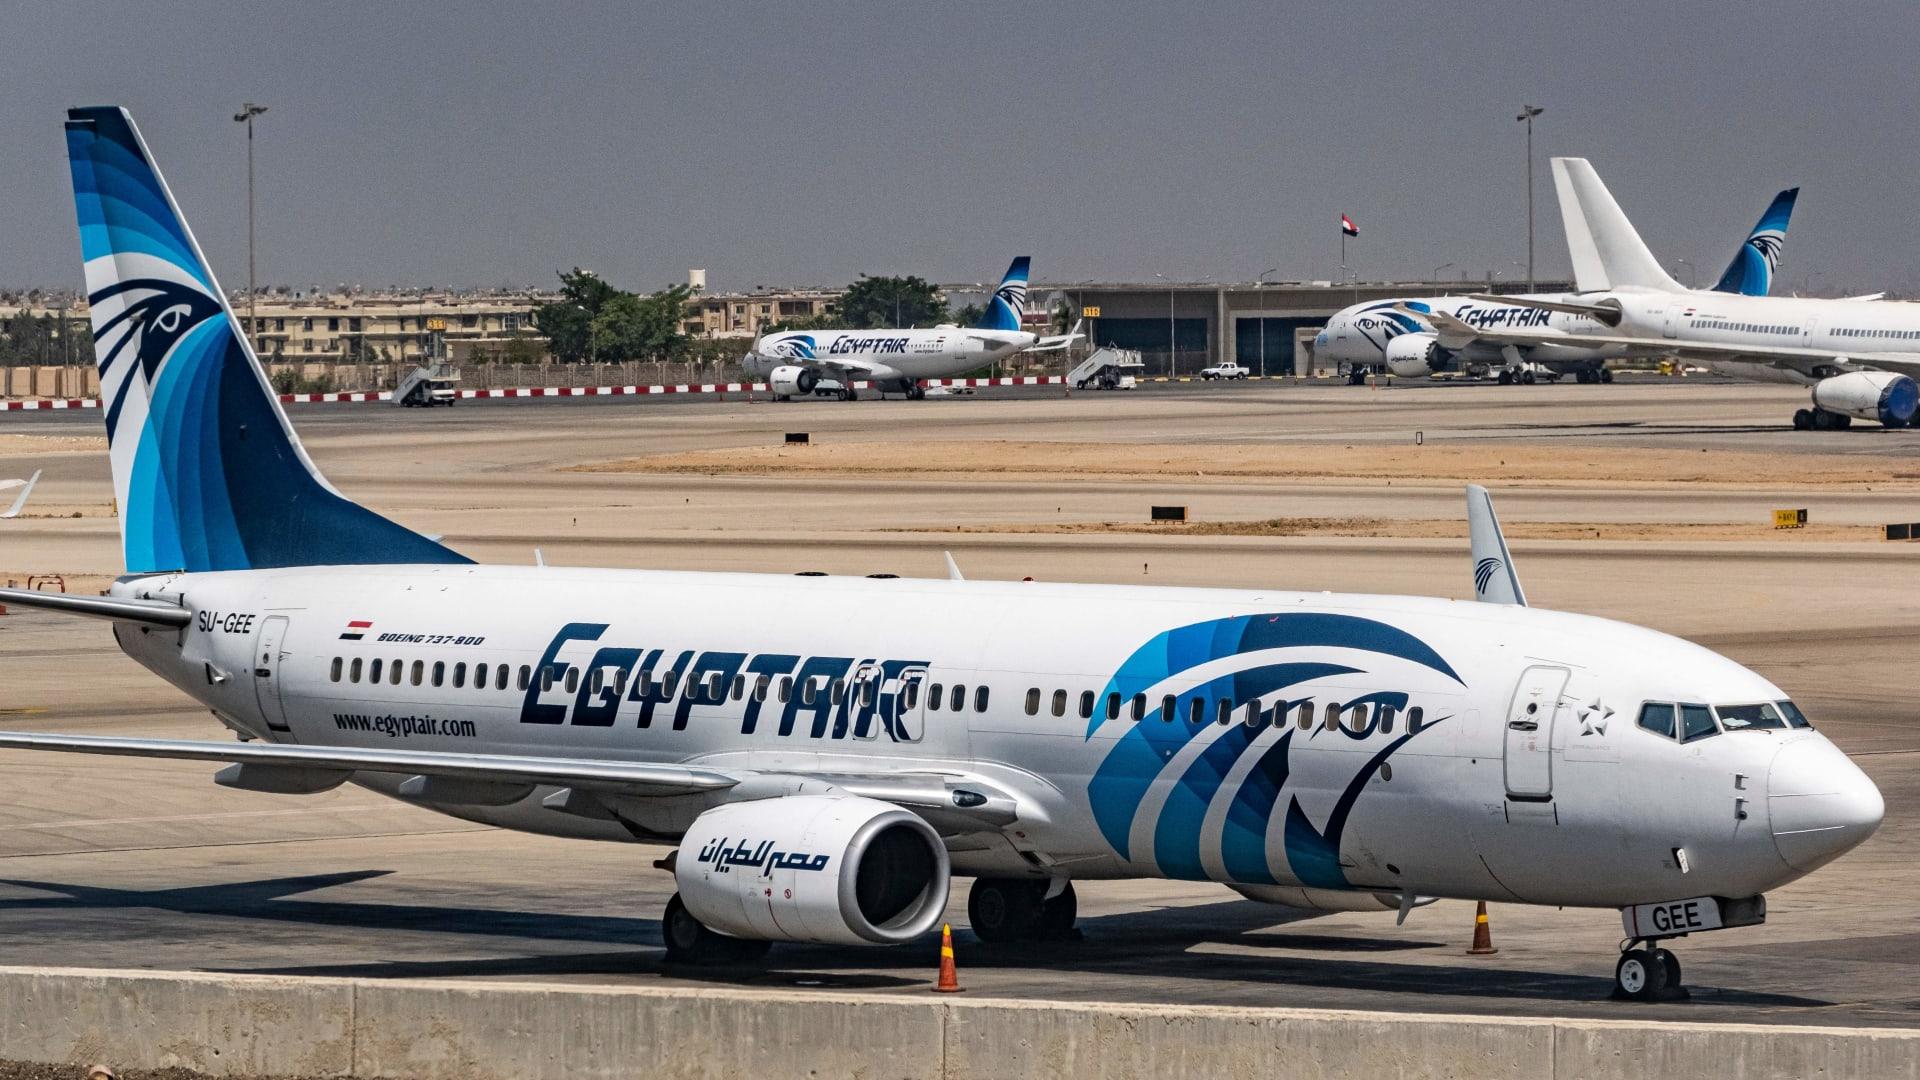 صورة تم التقاطها في 28 مايو 2021 تُظهر طائرة مصر للطيران من طراز بوينج 737 على مدرج مطار القاهرة الدولي في مصر.